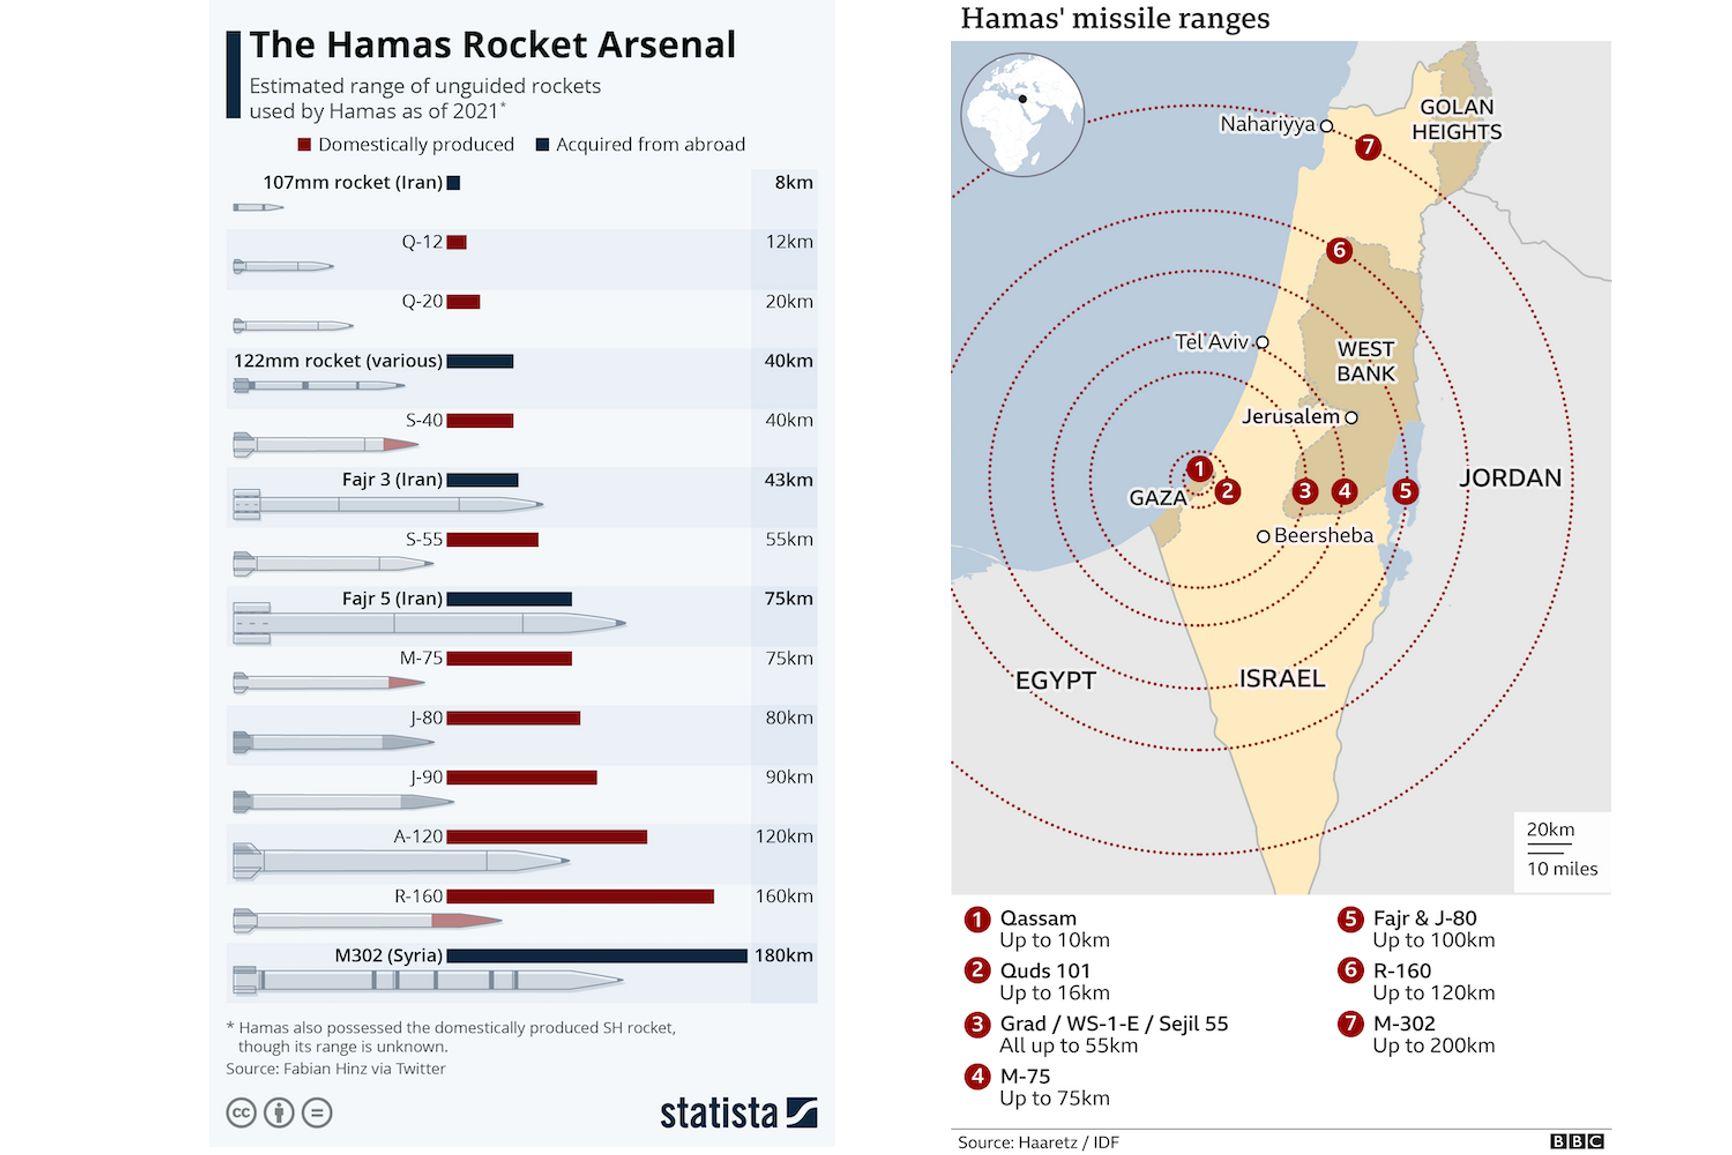 1) Ракетный арсенал ХАМАС: свои и импортные ракеты. 2) Дальнобойность ракет ХАМАС на территории Израиля